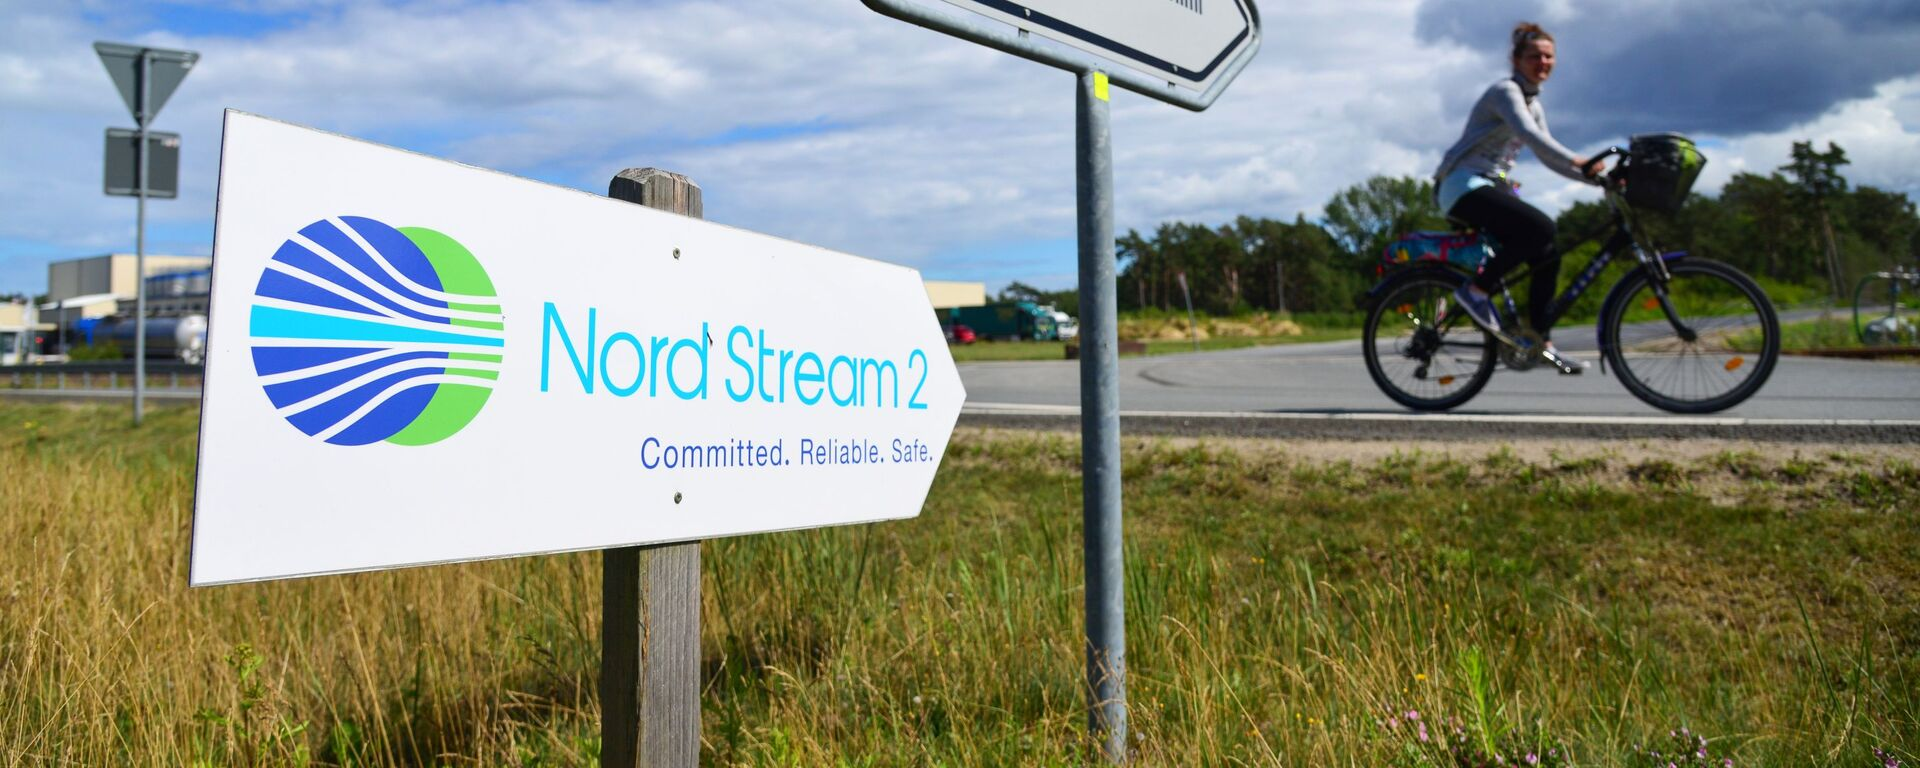 Una señal de Nord Stream 2 en Alemania - Sputnik Mundo, 1920, 05.02.2021